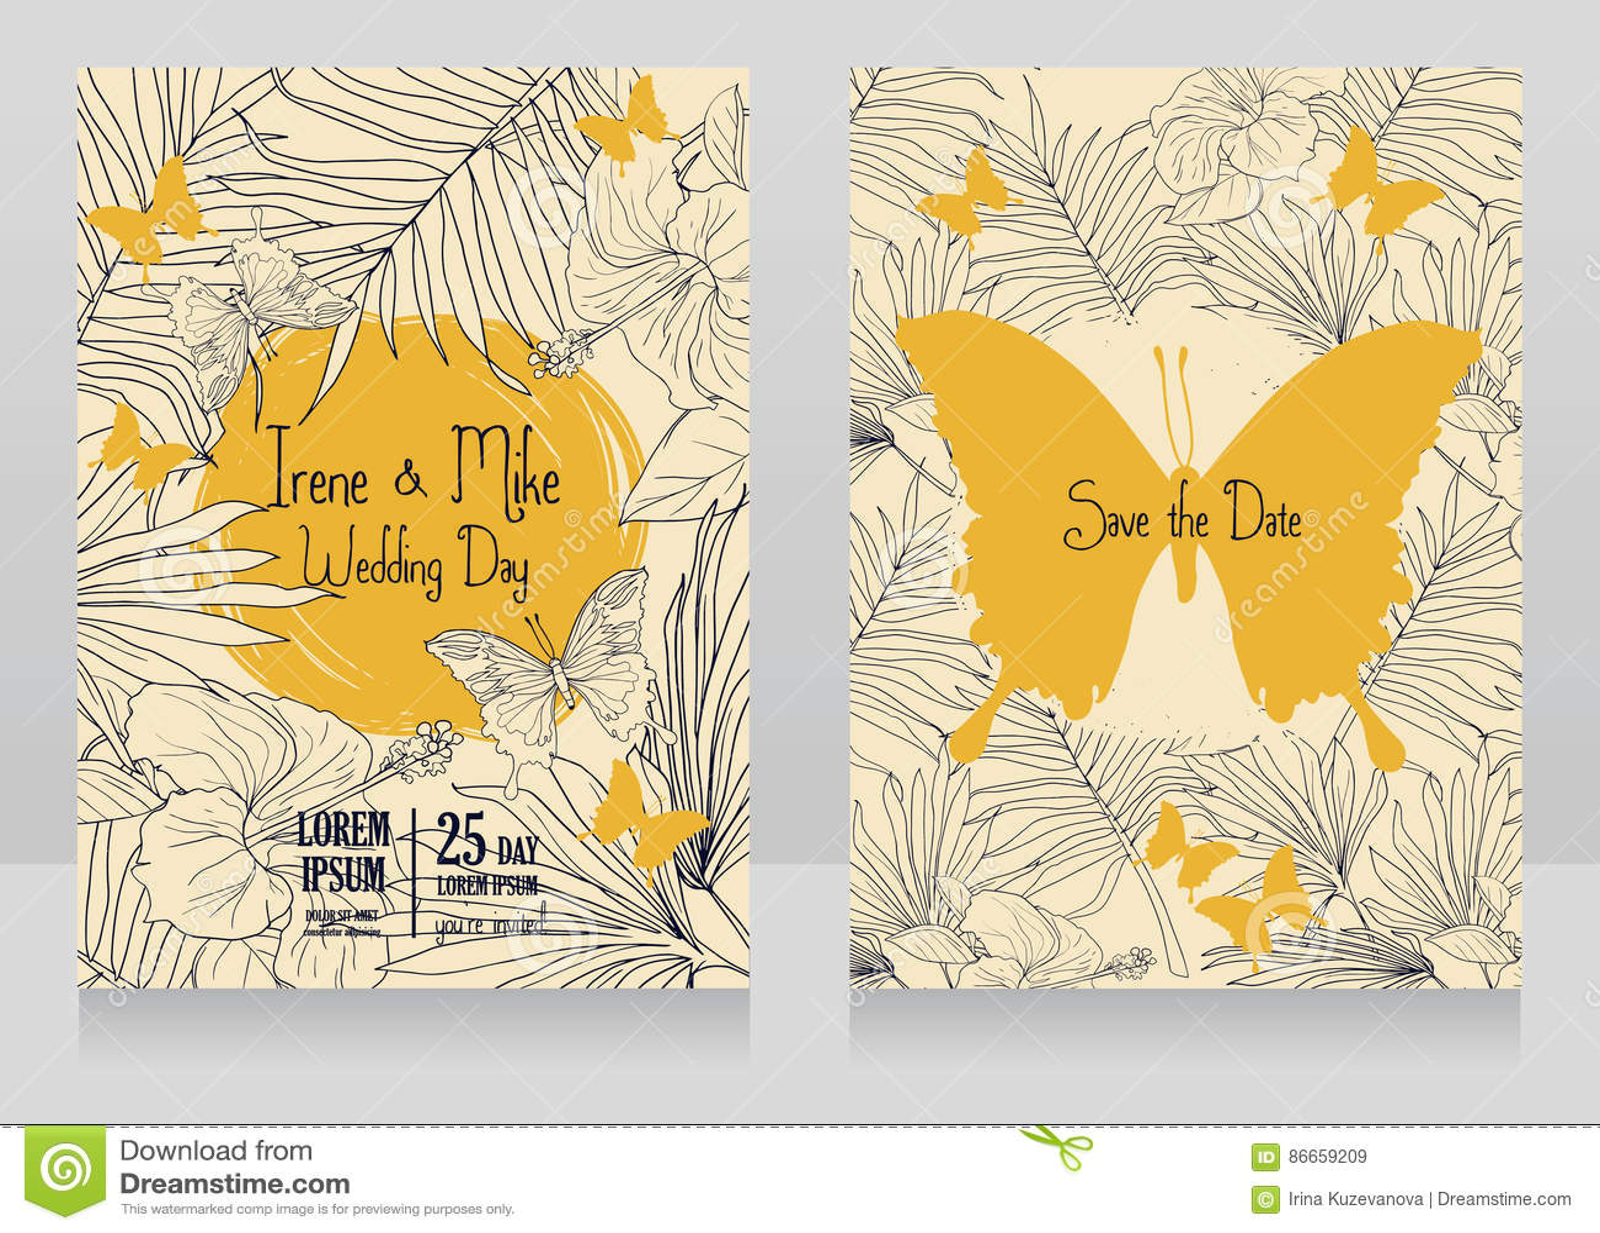 Cartões De Casamento: Cartões De Casamento Com Flores, As Borboletas E Folhas De